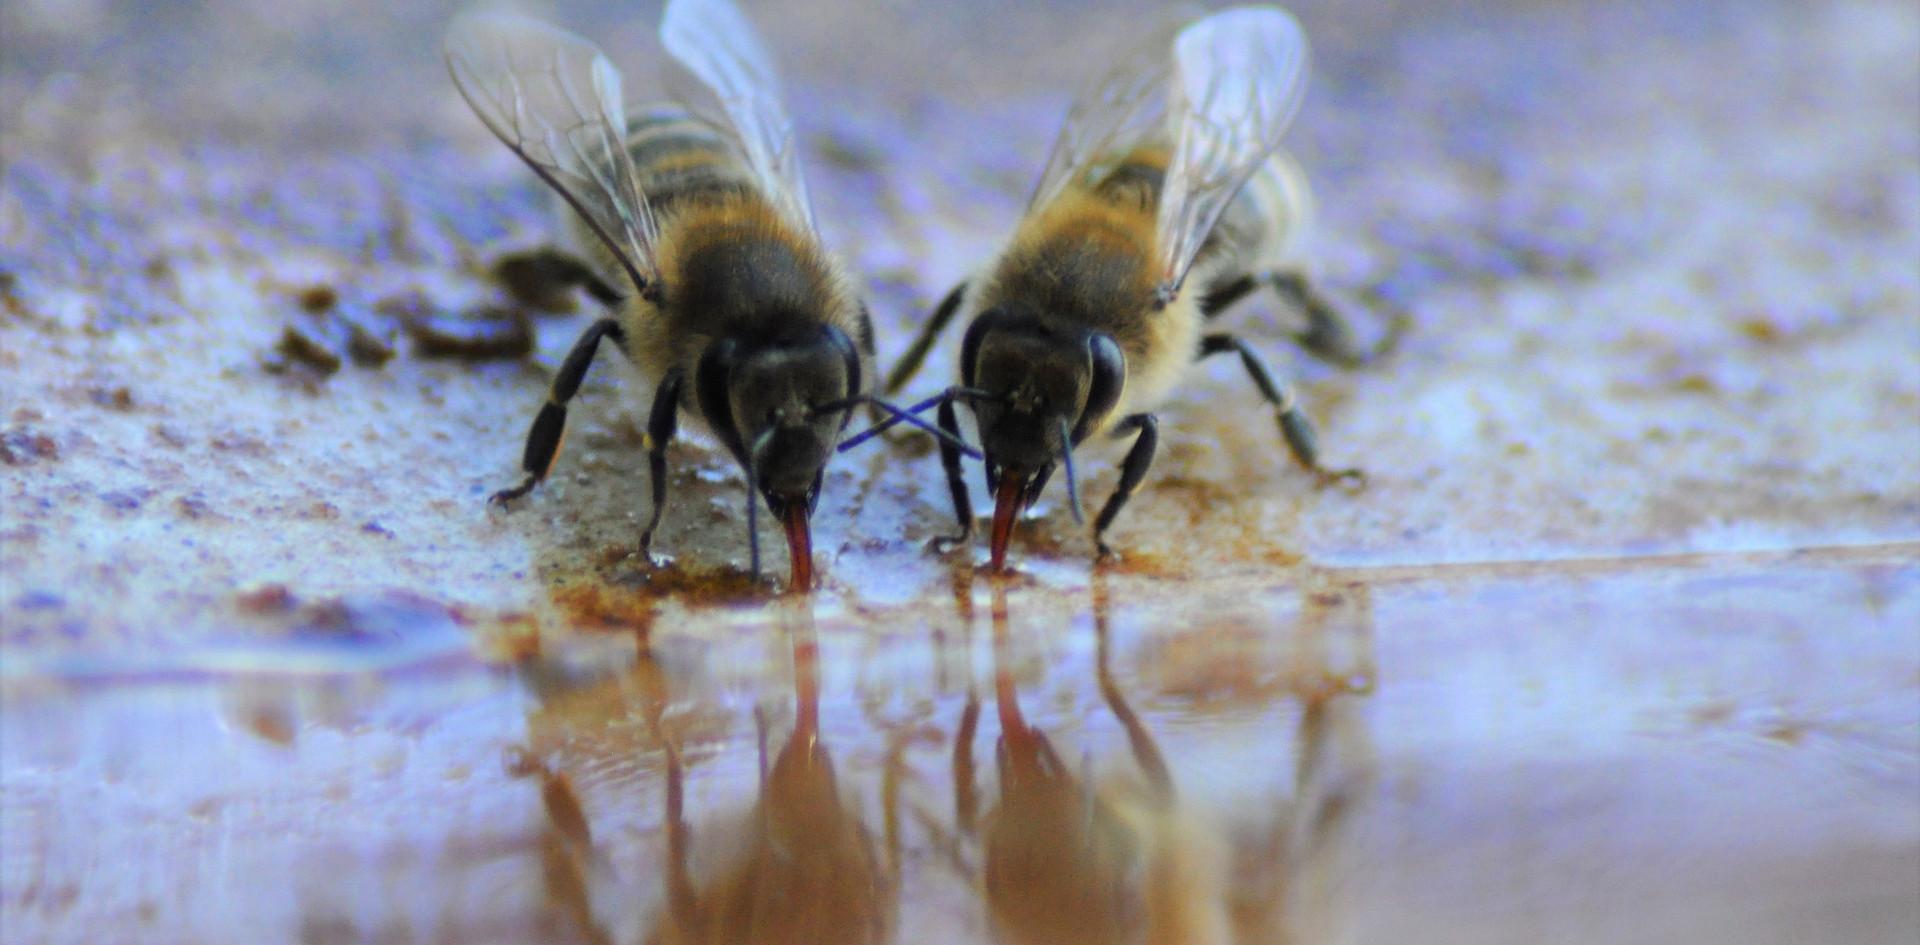 Honeybees drinking